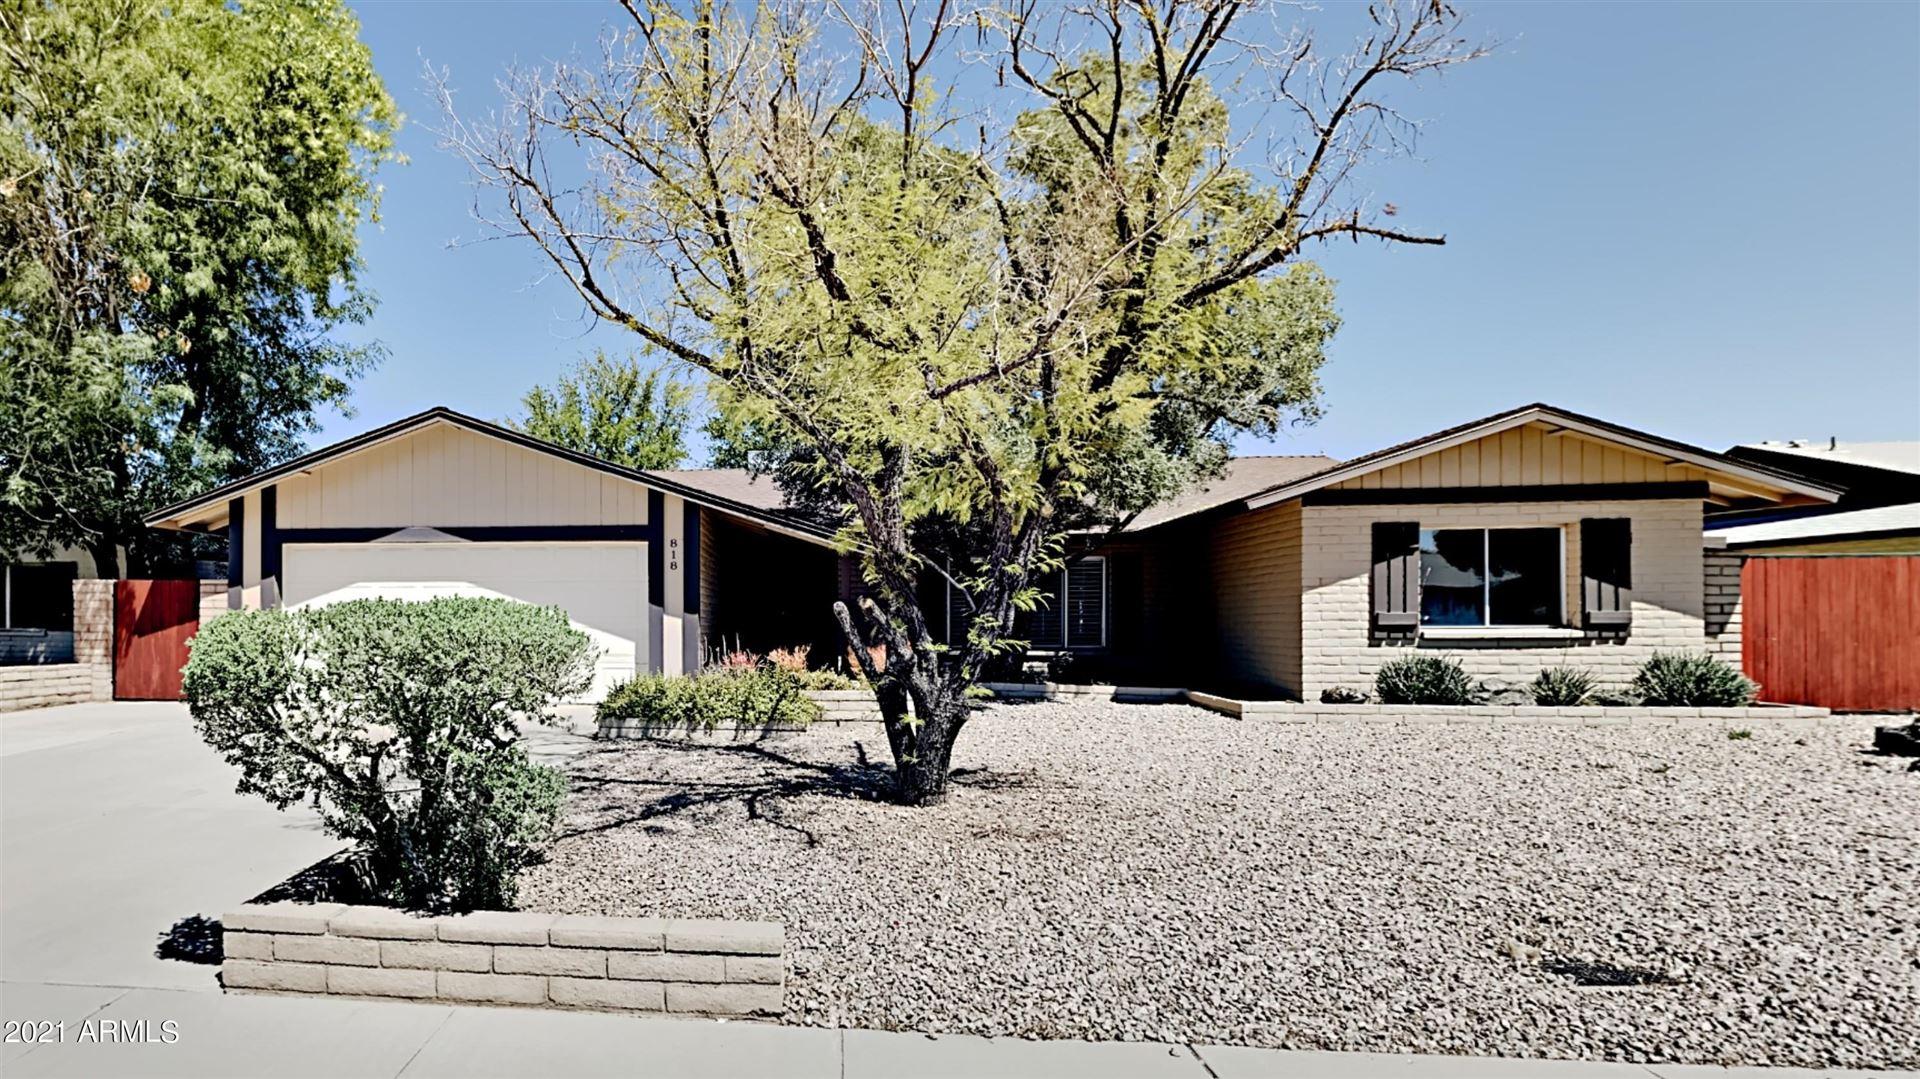 818 E STEPHENS Drive, Tempe, AZ 85283 - MLS#: 6221469